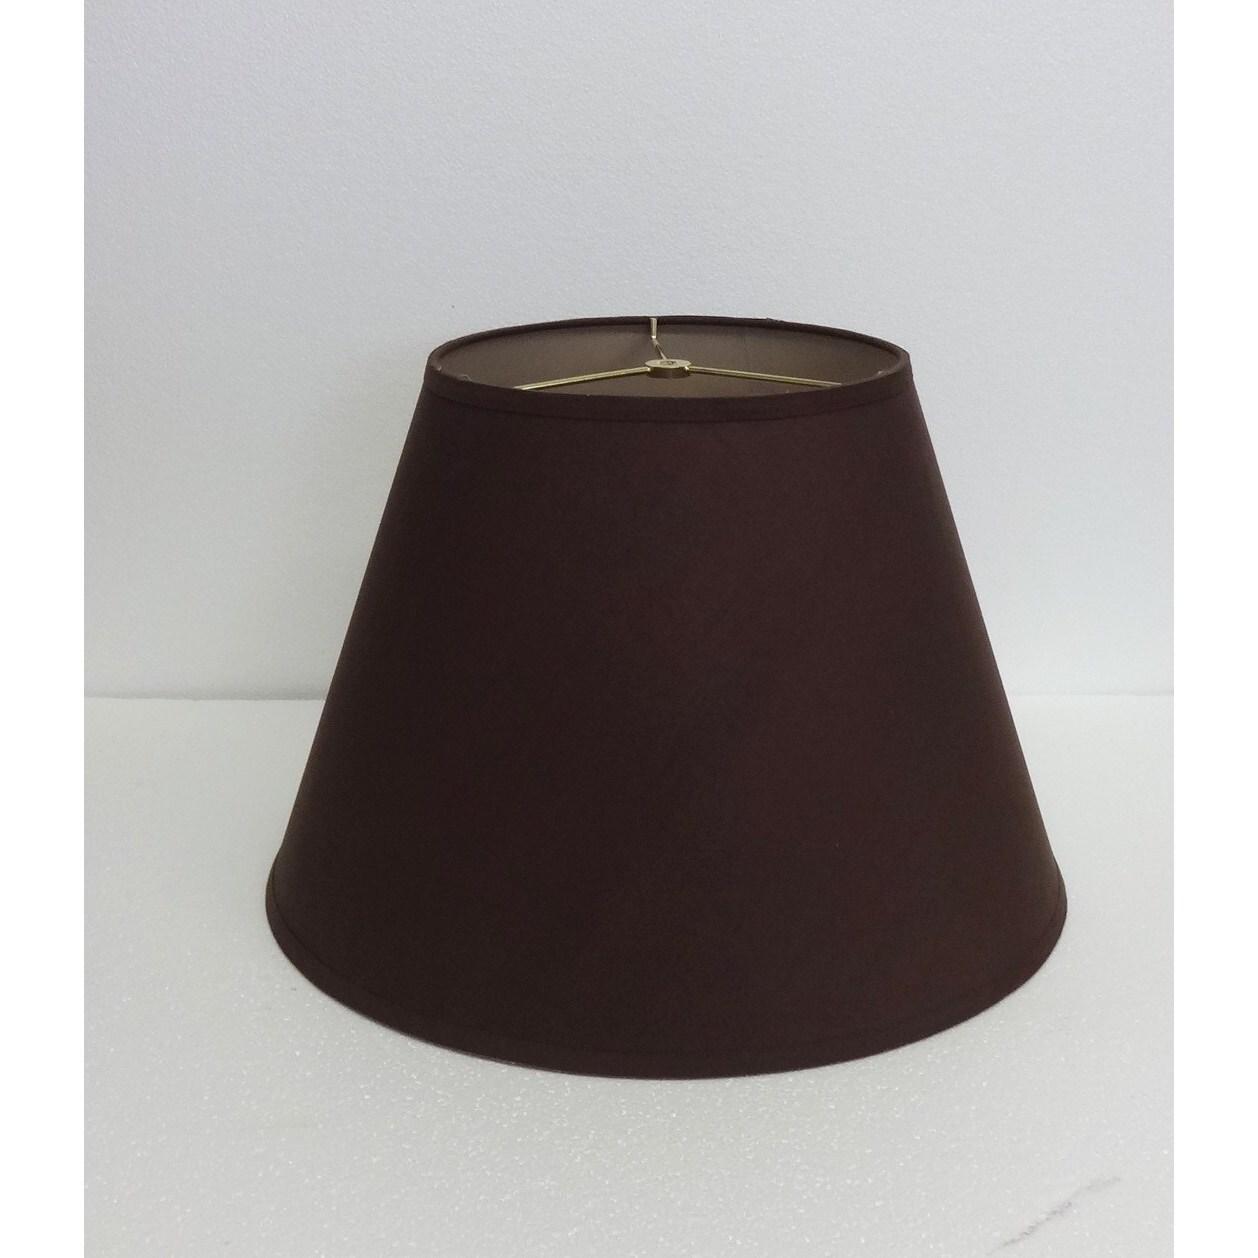 Chocolate Brown Fabric Paper Round Hardback Shade